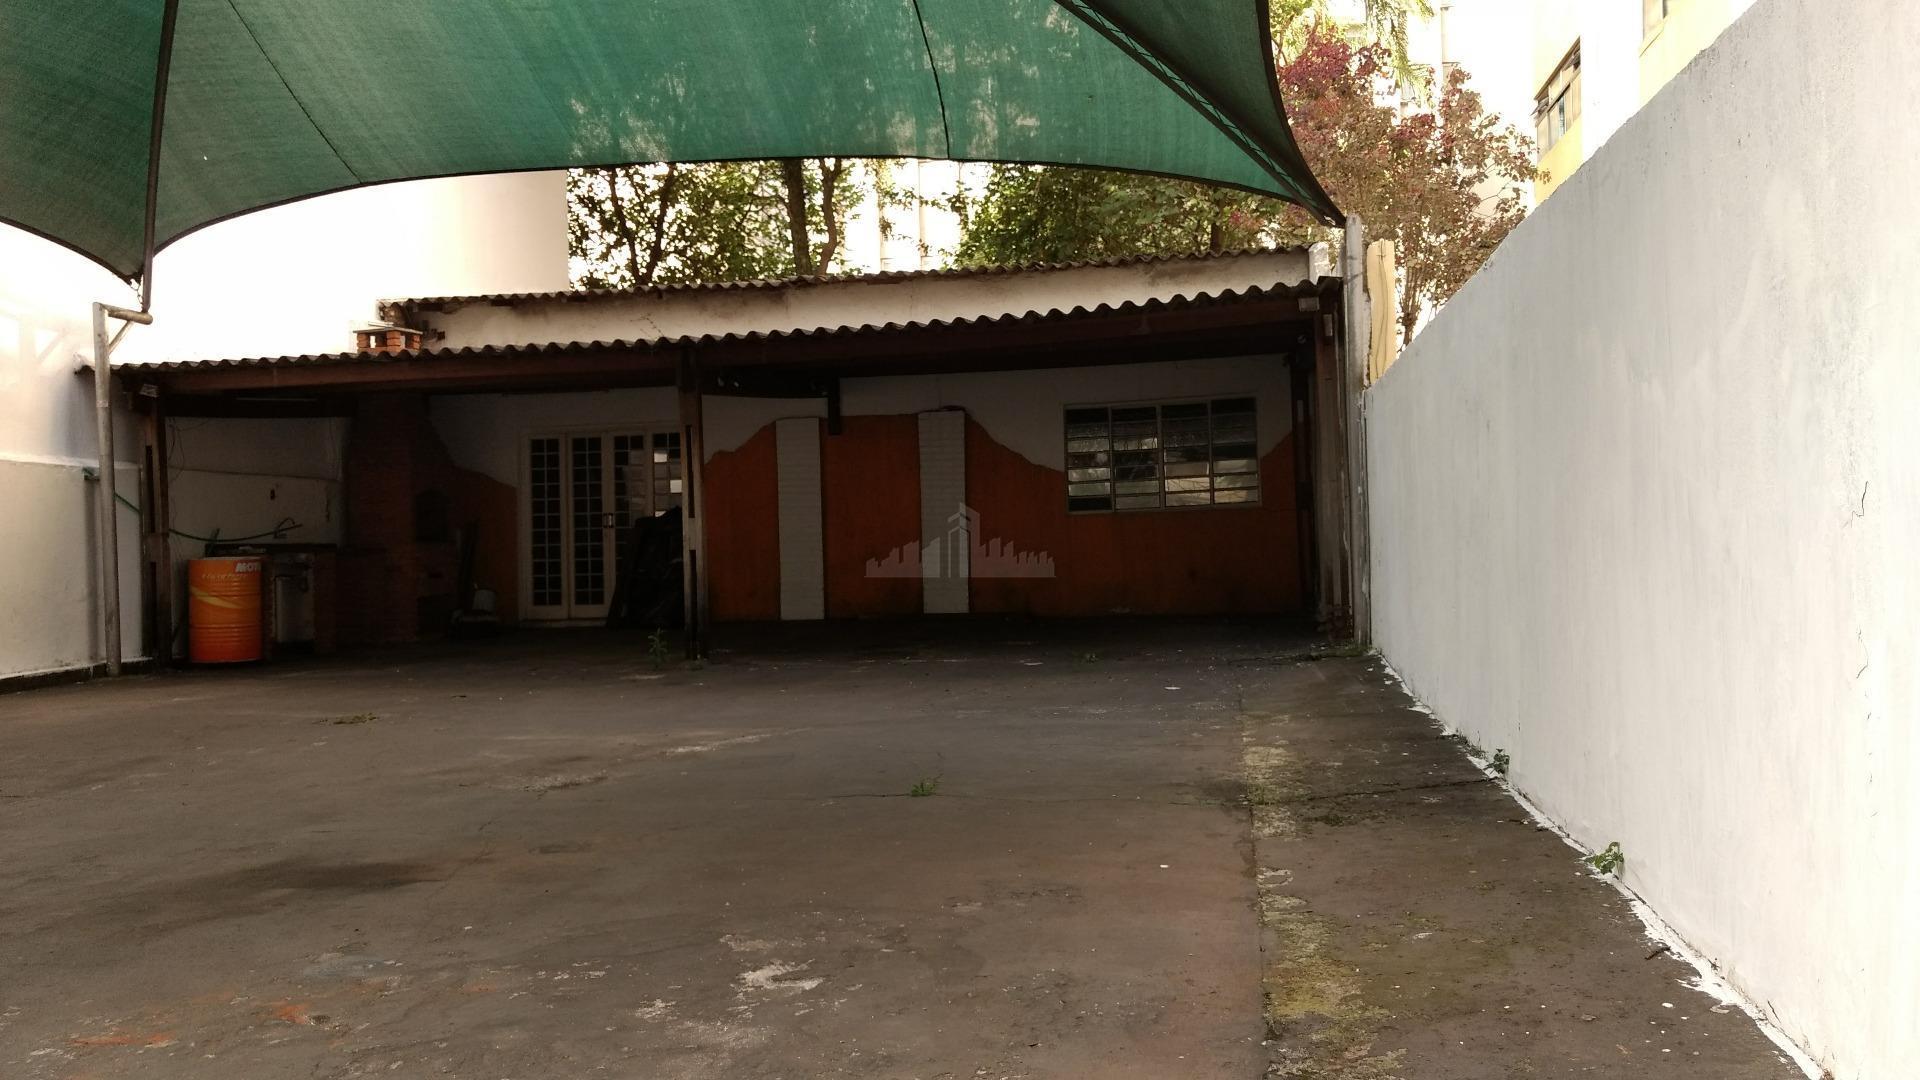 terreno a venda de 200 m² , 10 x 20 , construído nos fundos uma edicula...